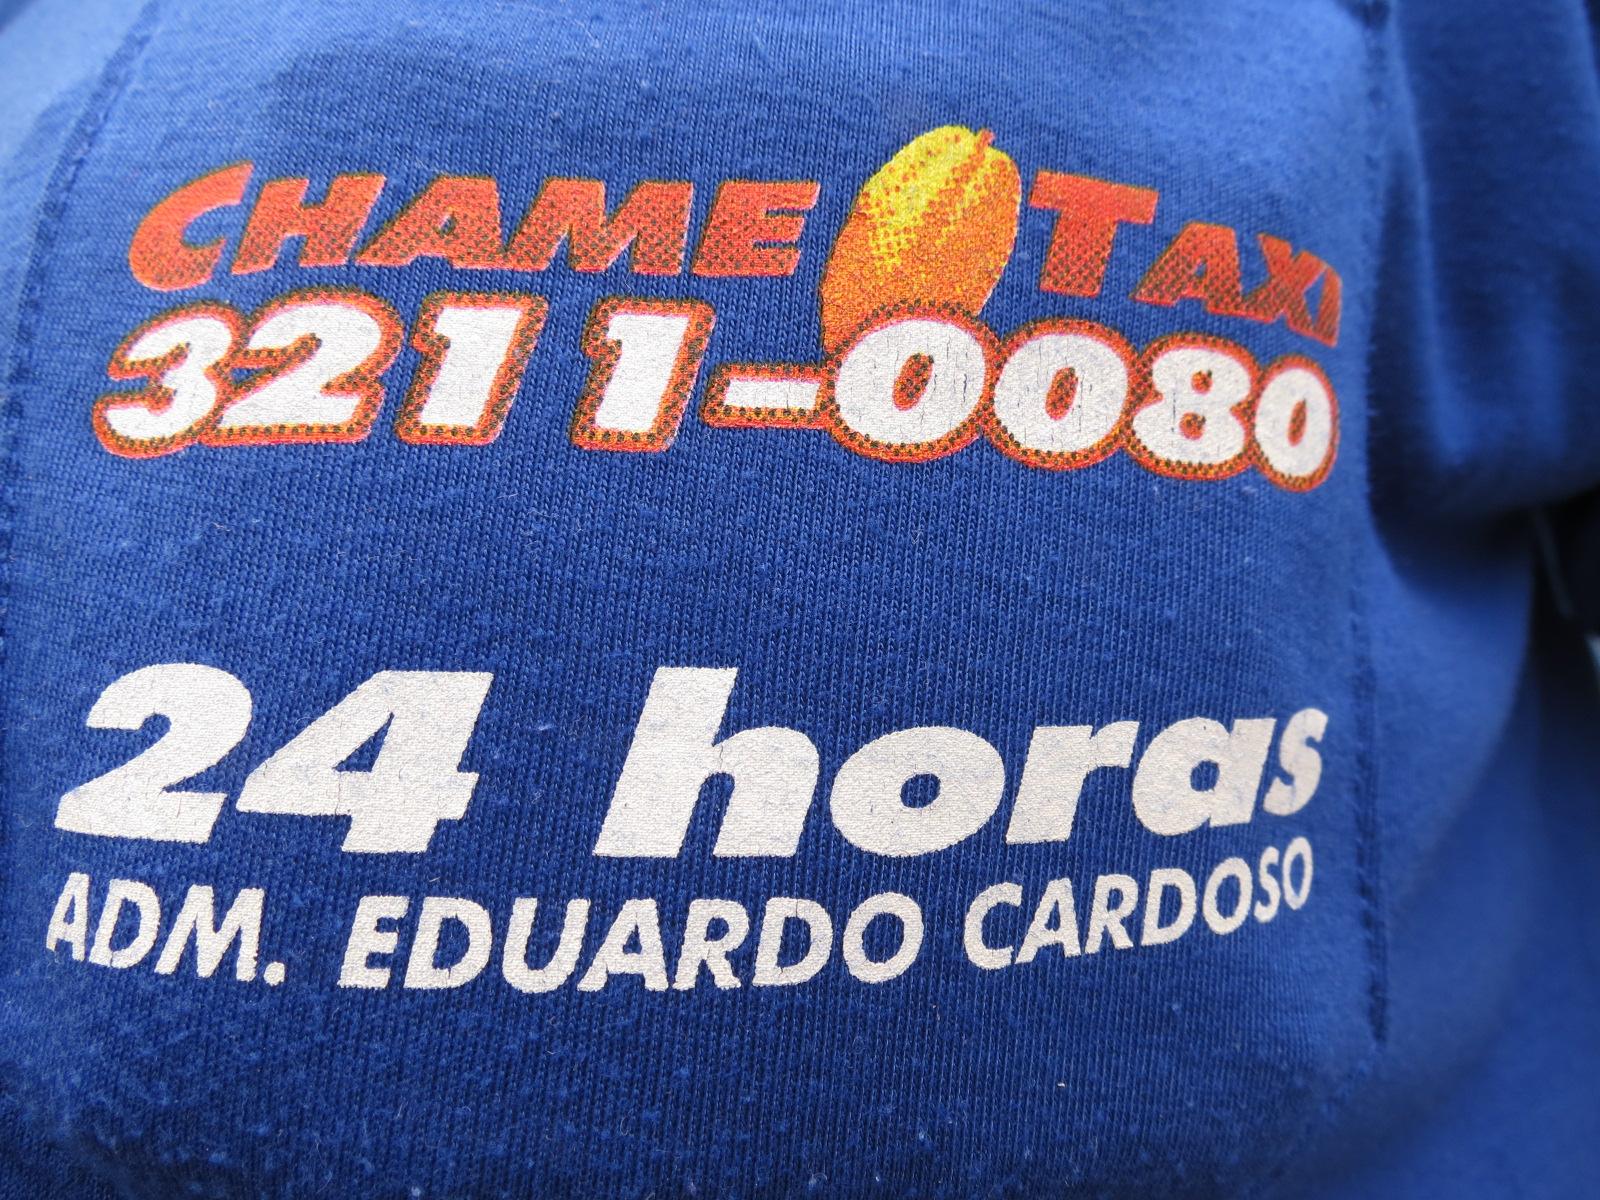 Chame Taxi 24 horas a serviço do povo de Itabuna com credibilidade,agilidade e segurança.